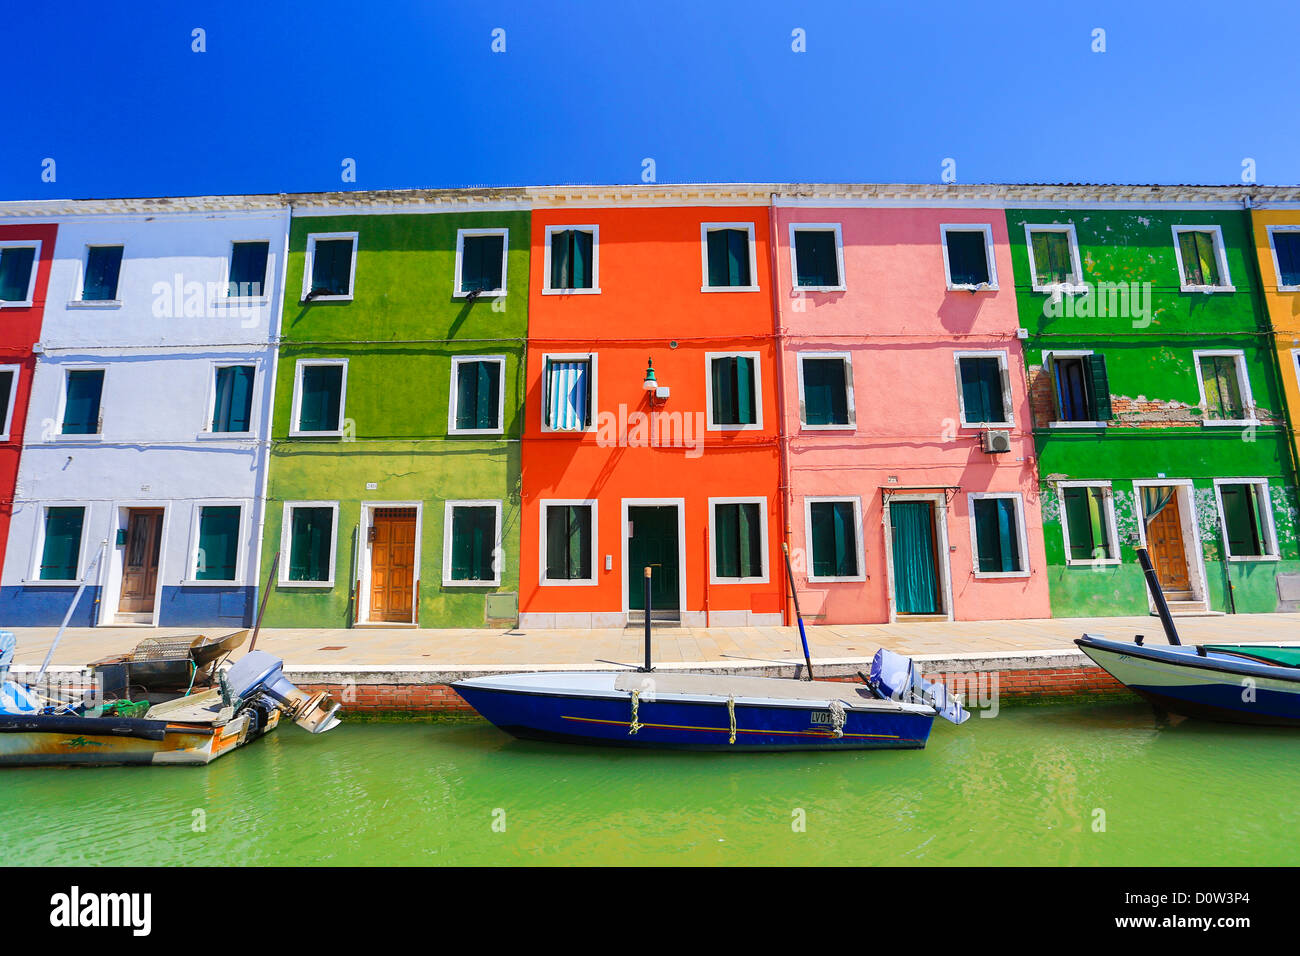 L'Italia, Europa, viaggi, Venezia e Burano architettura, barche, canal, colorati, colori, turismo, case Immagini Stock